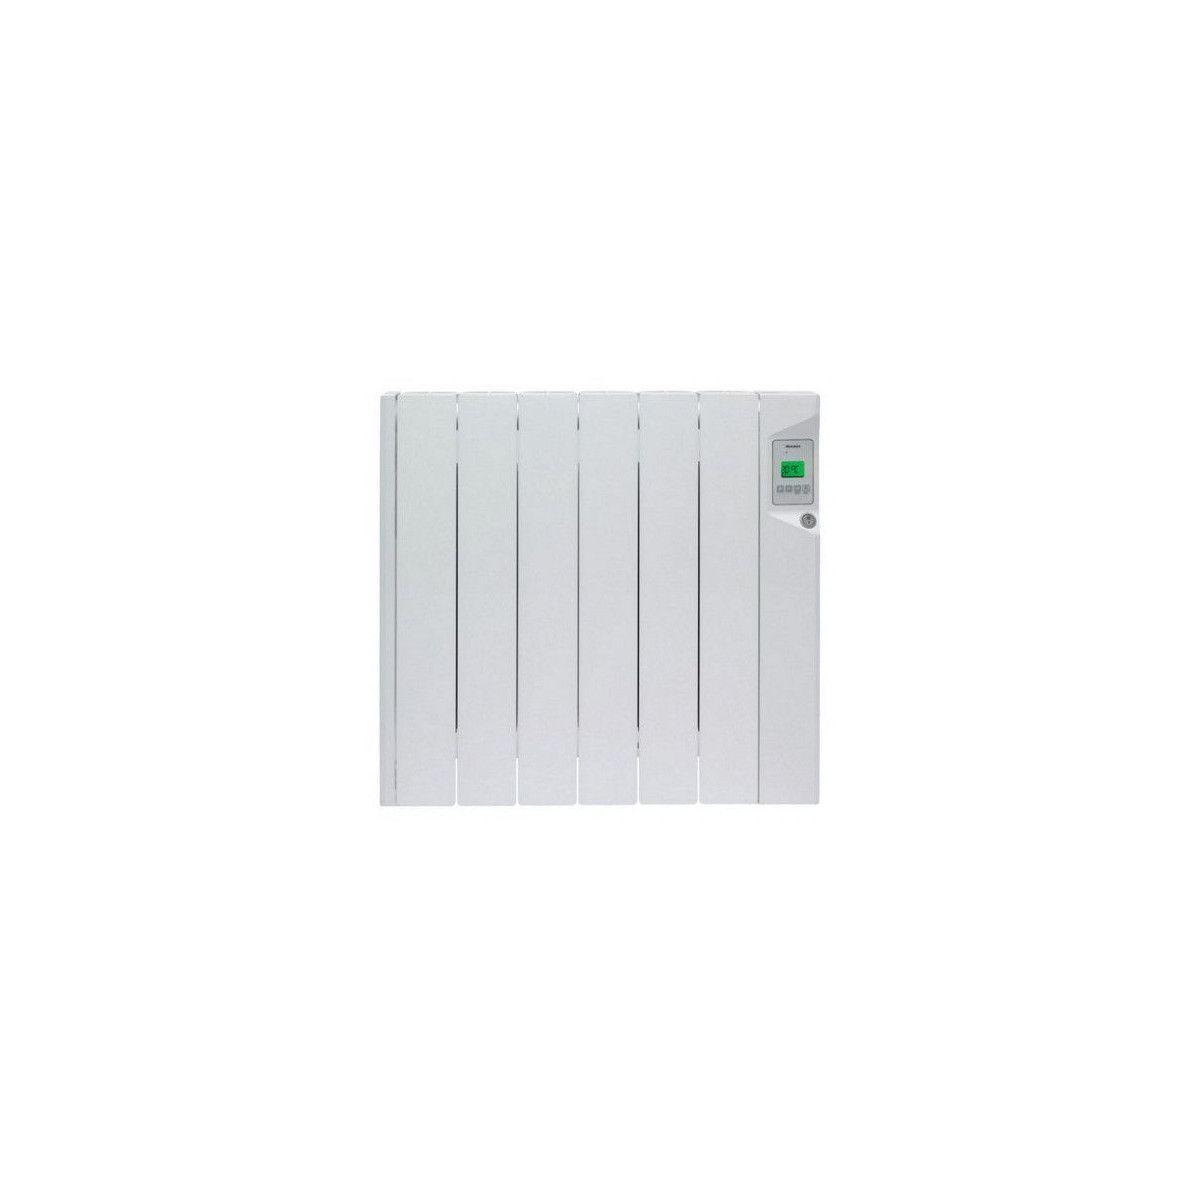 Ducasa Radiateur Electrique Mural-serie Avant-dgp-900w-blanc Ducasa - 0.636.269